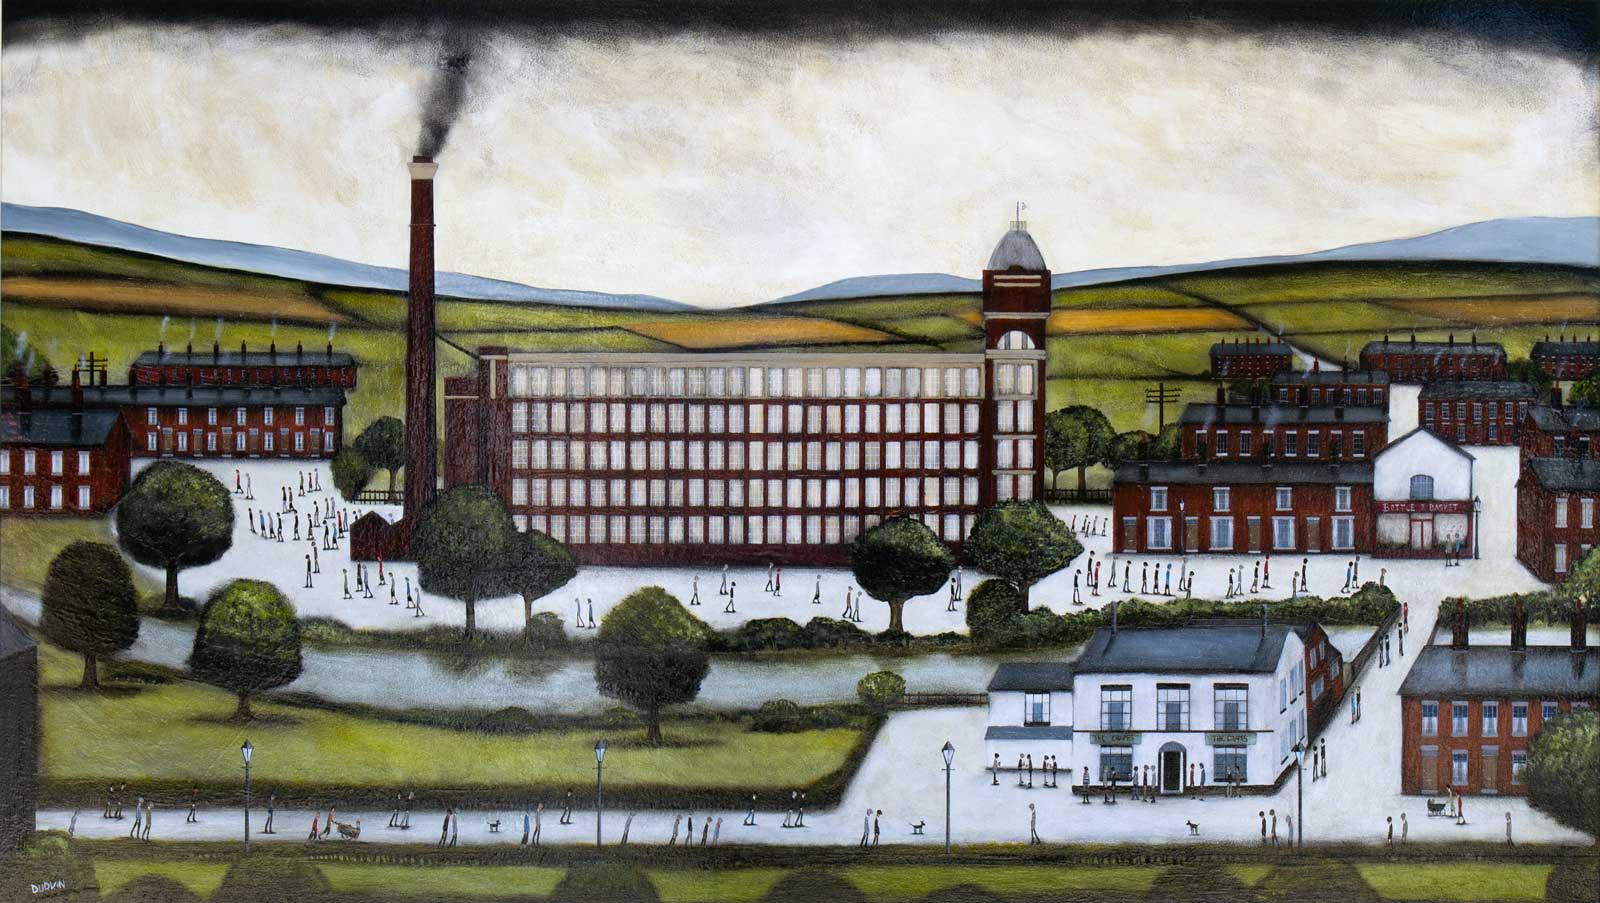 Kearsley Mill